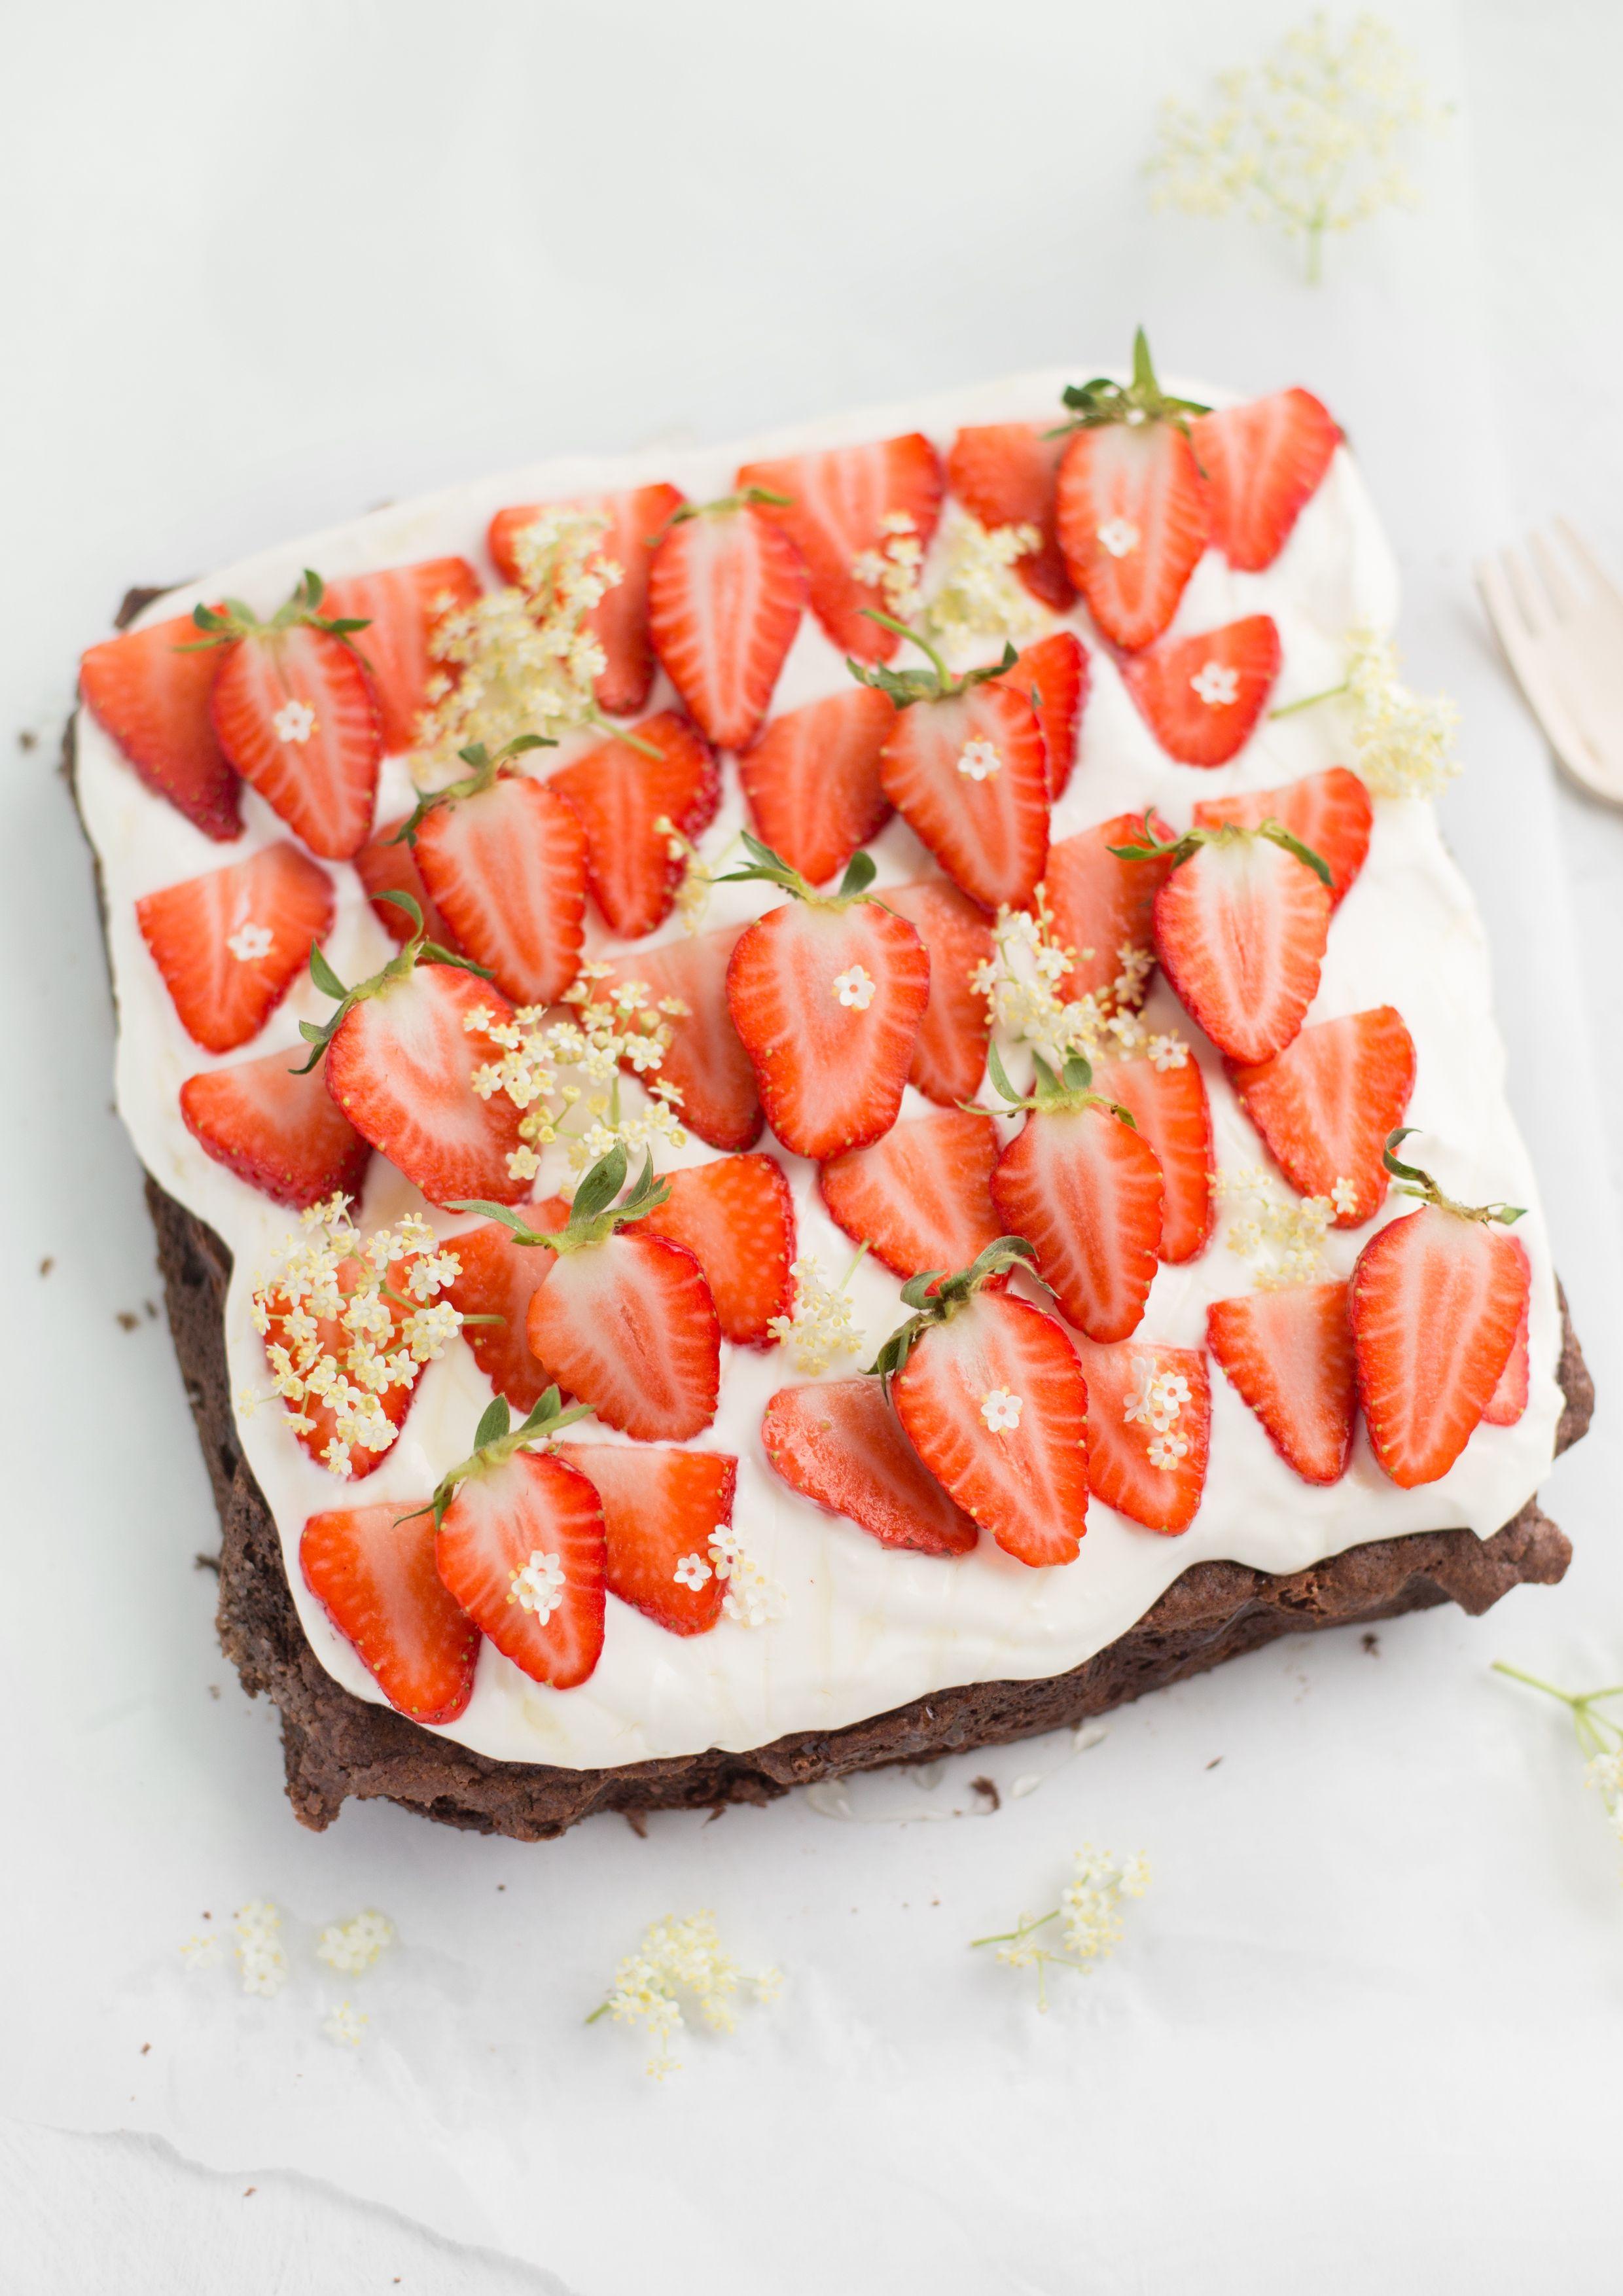 c47947f448e990953b2b9f1544e19128 - Rezepte Mit Erdbeeren